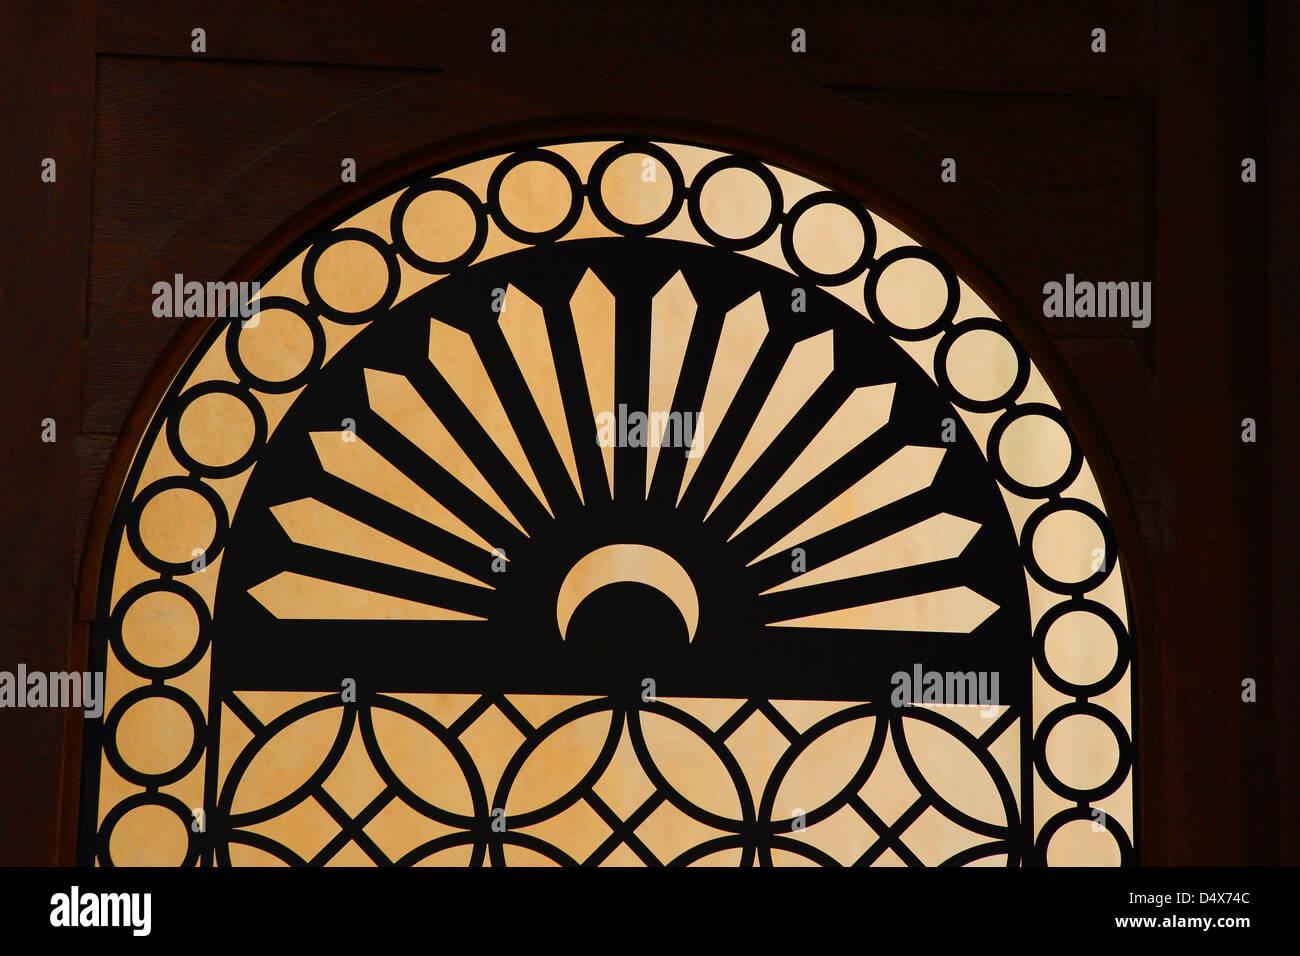 Architektonisches Detail am Markt in Dubai, Vereinigte Arabische Emirate Stockbild